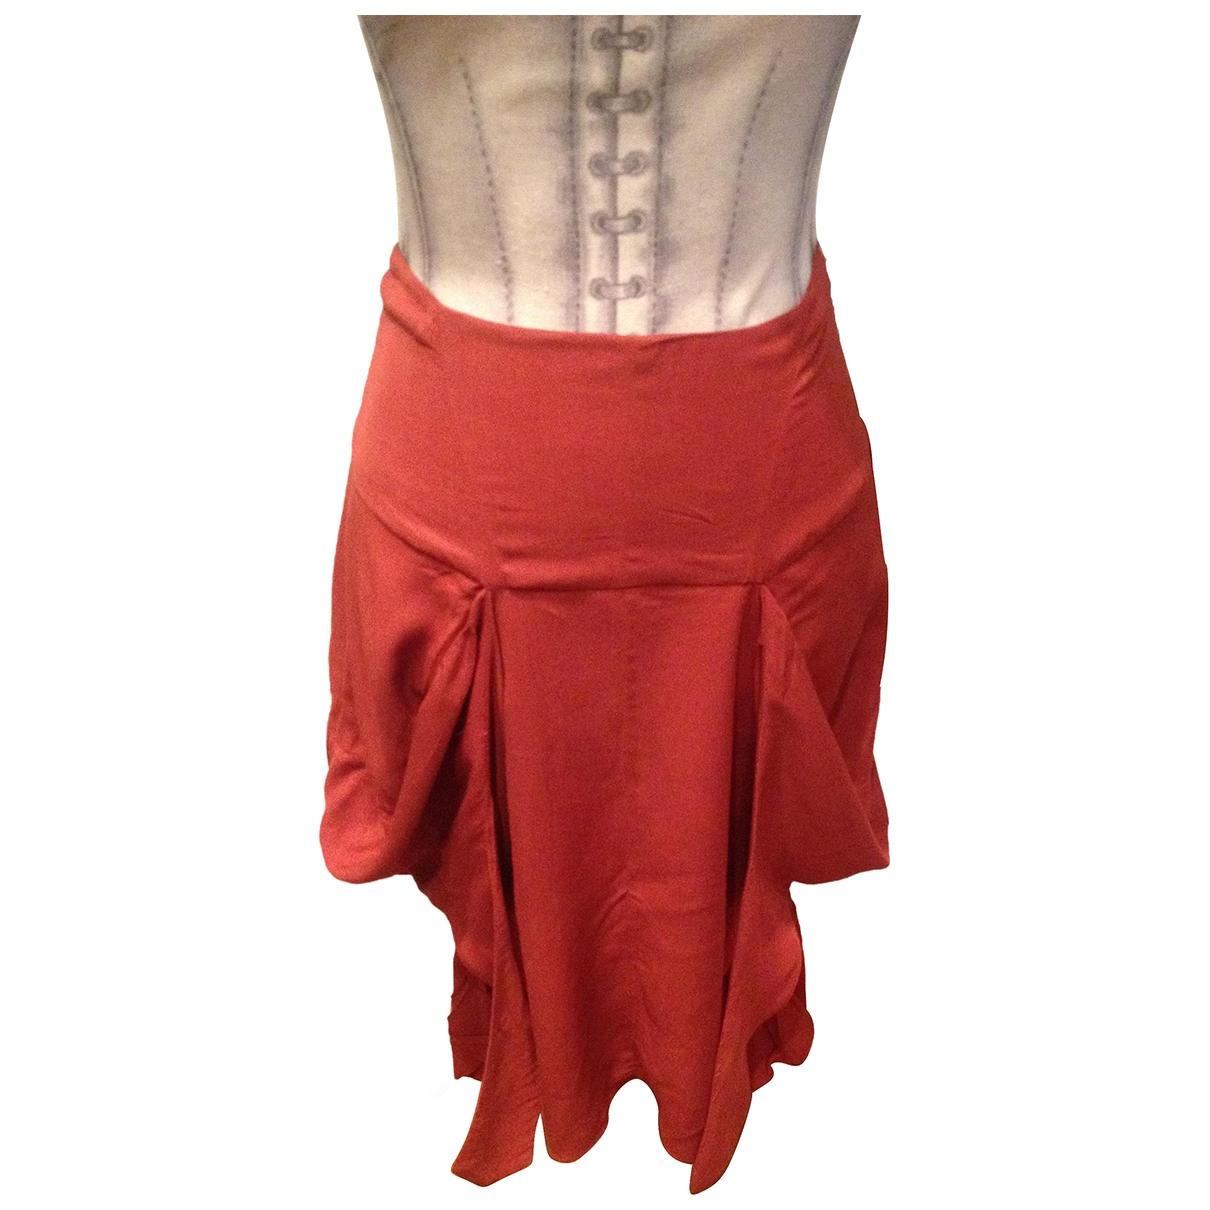 Marni \N Red skirt for Women 38 IT